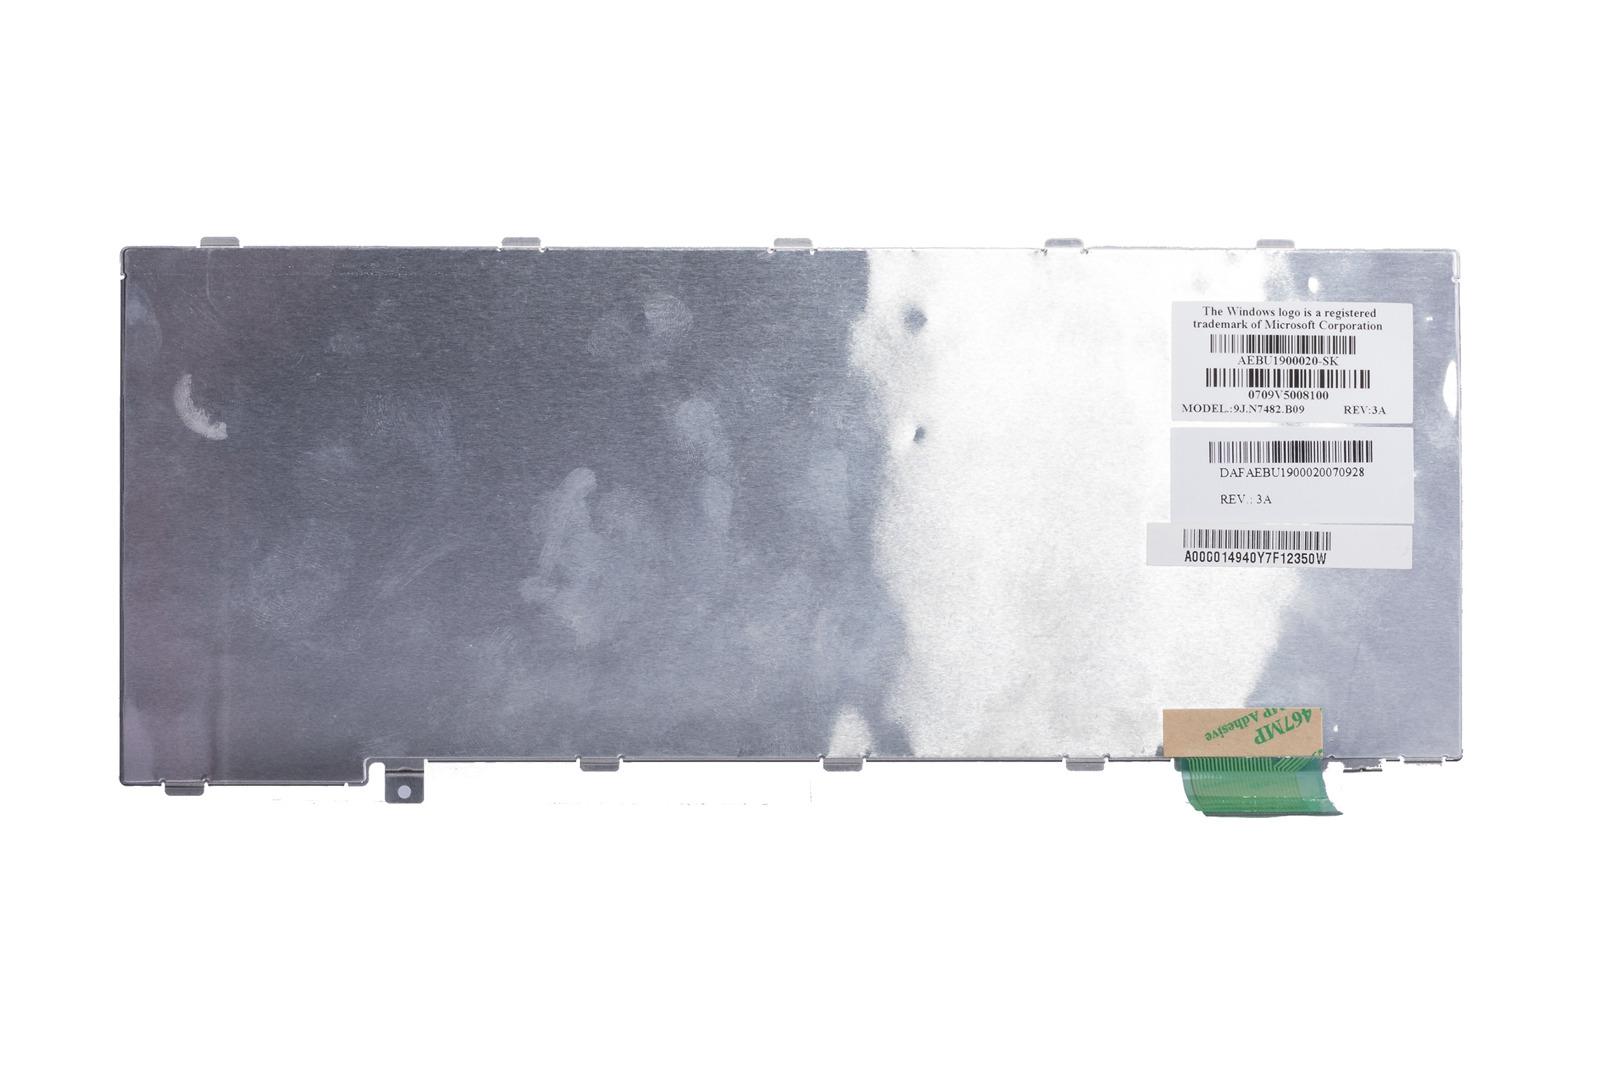 Klawiatura Toshiba 9J.N7482.B09 (Słowacka)